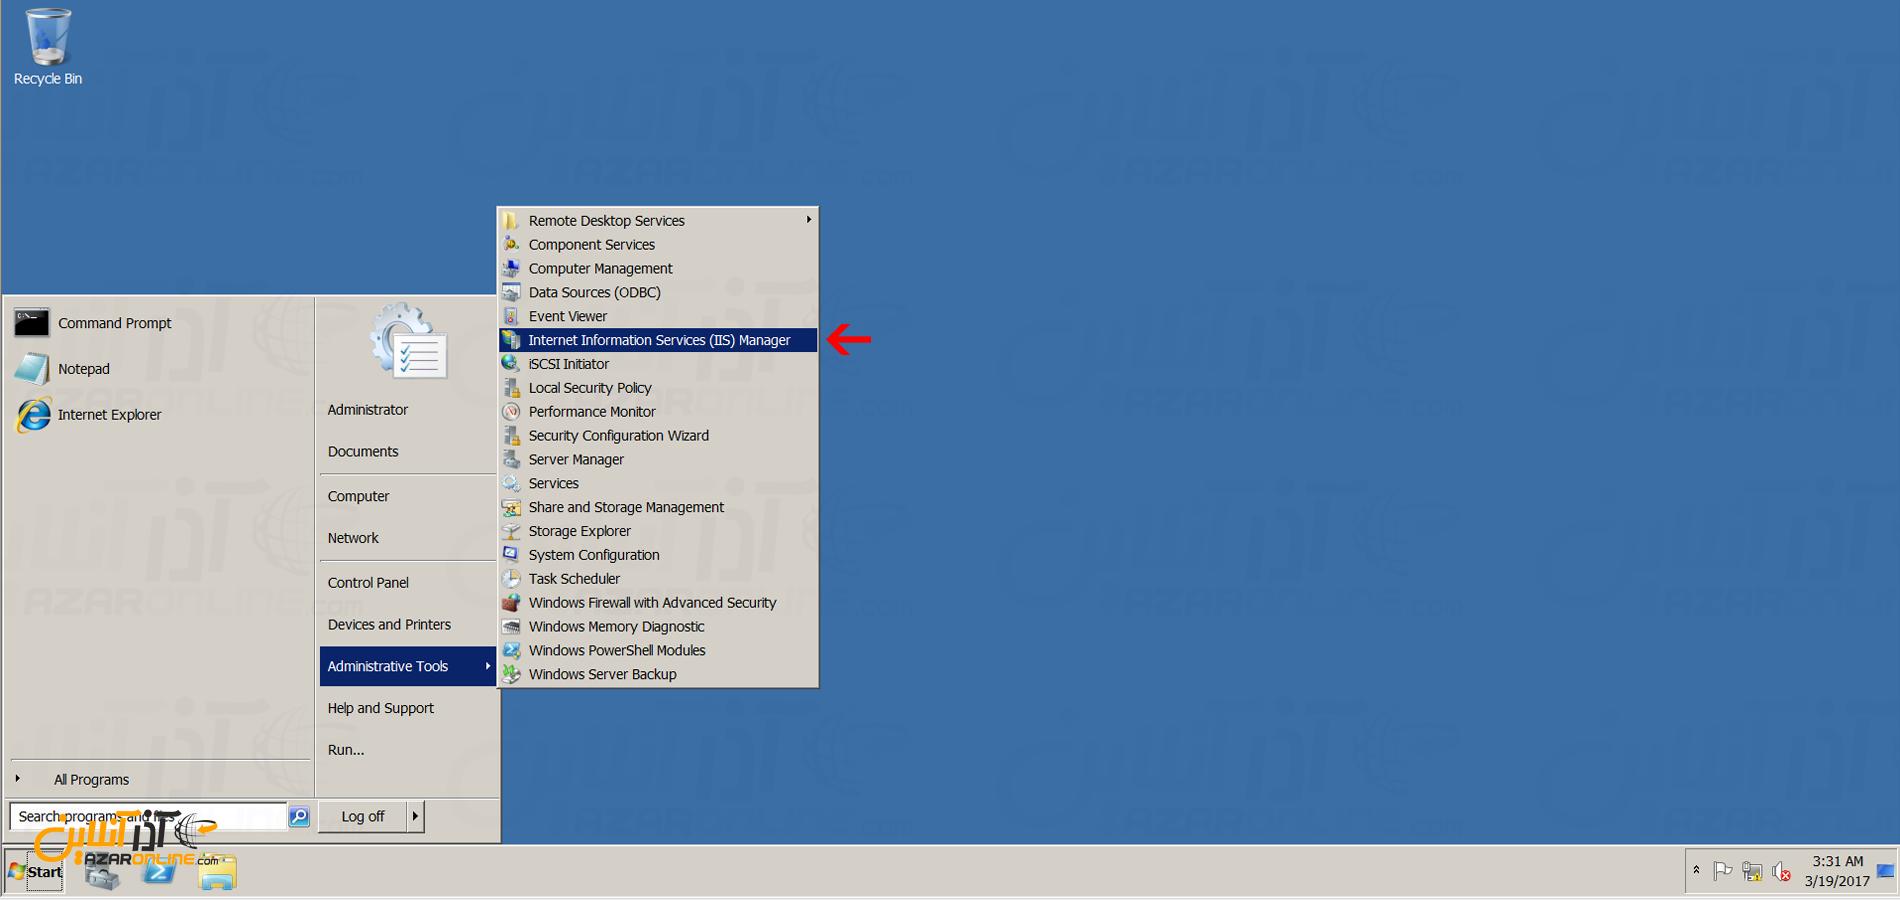 آموزش نصب iis در ویندوز 2008 - باز کردن مدیریت IIS